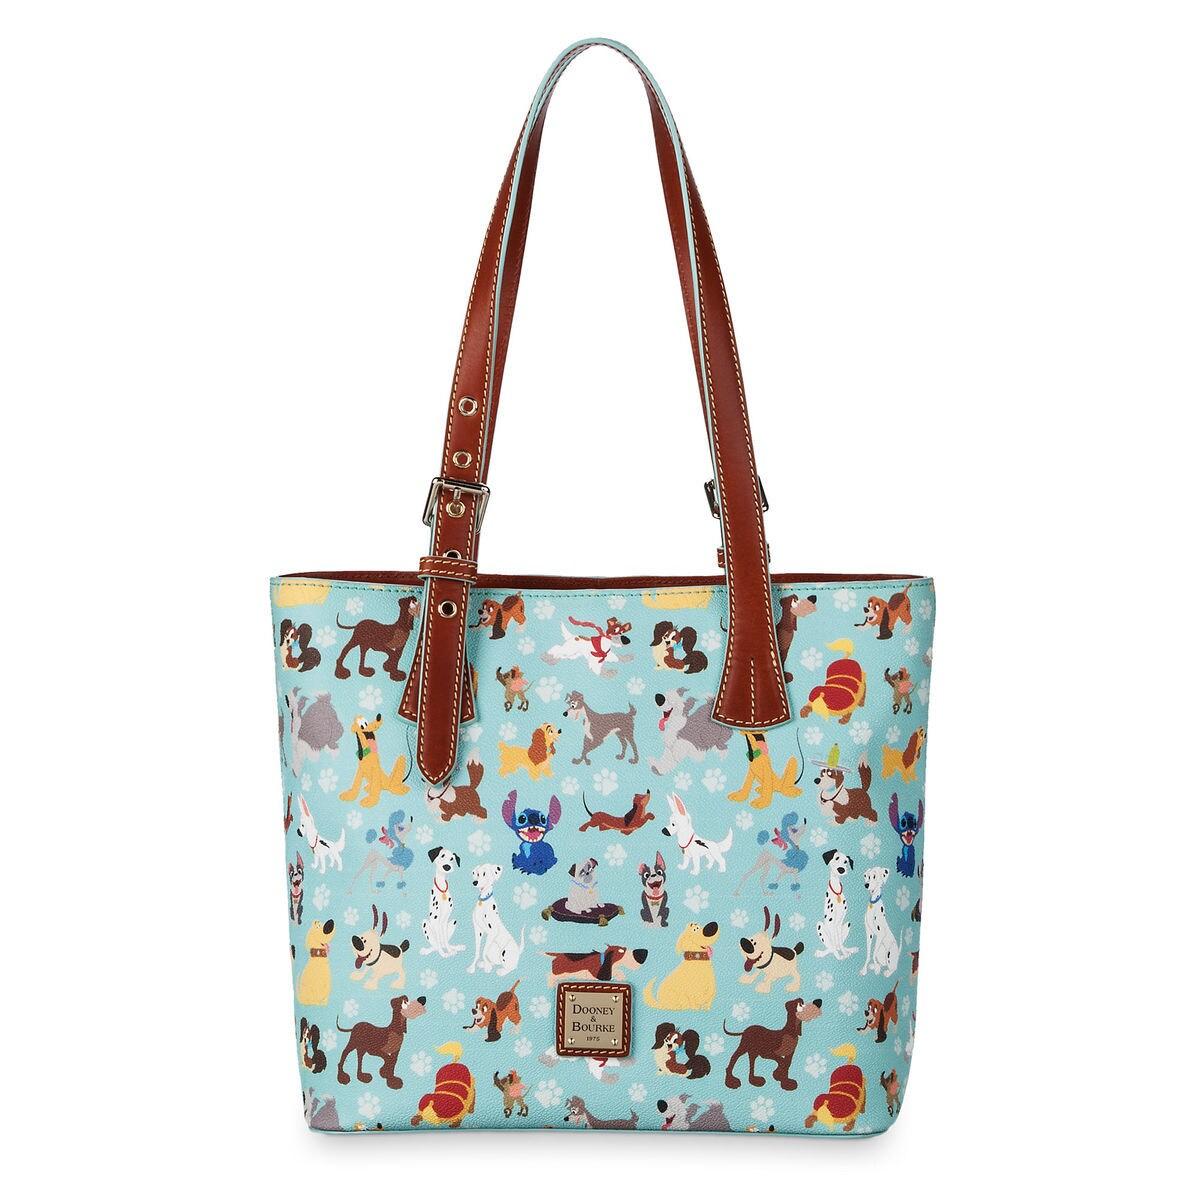 Product Image Of Disney Dogs Emily Shoulder Bag Dooney Bourke 1